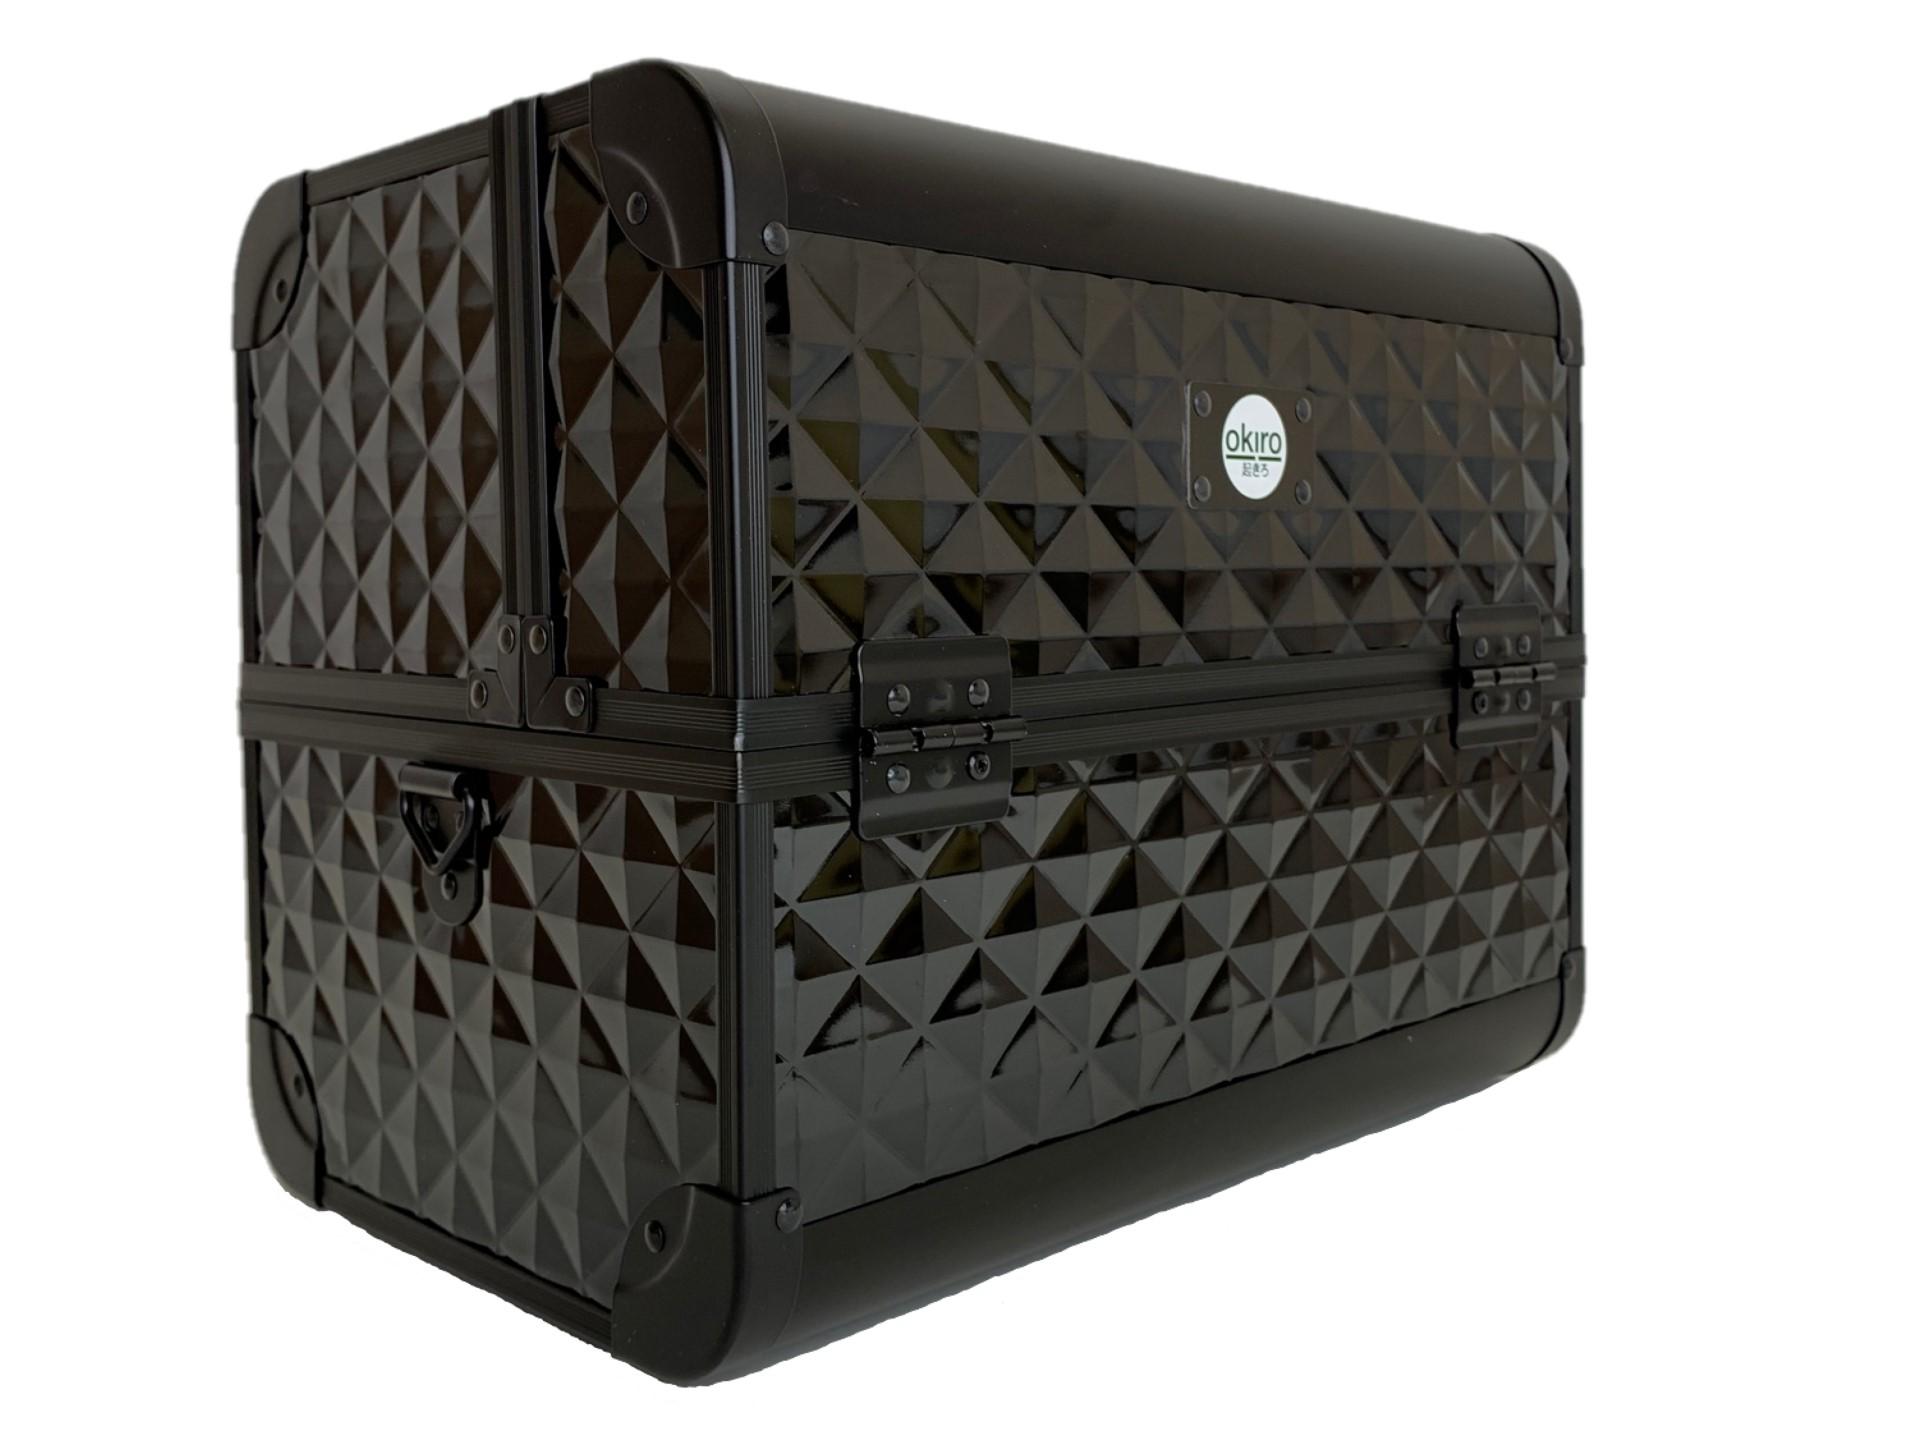 Бьюти кейс для визажиста OKIRO CWB 6350 черный бриллиант - изображение